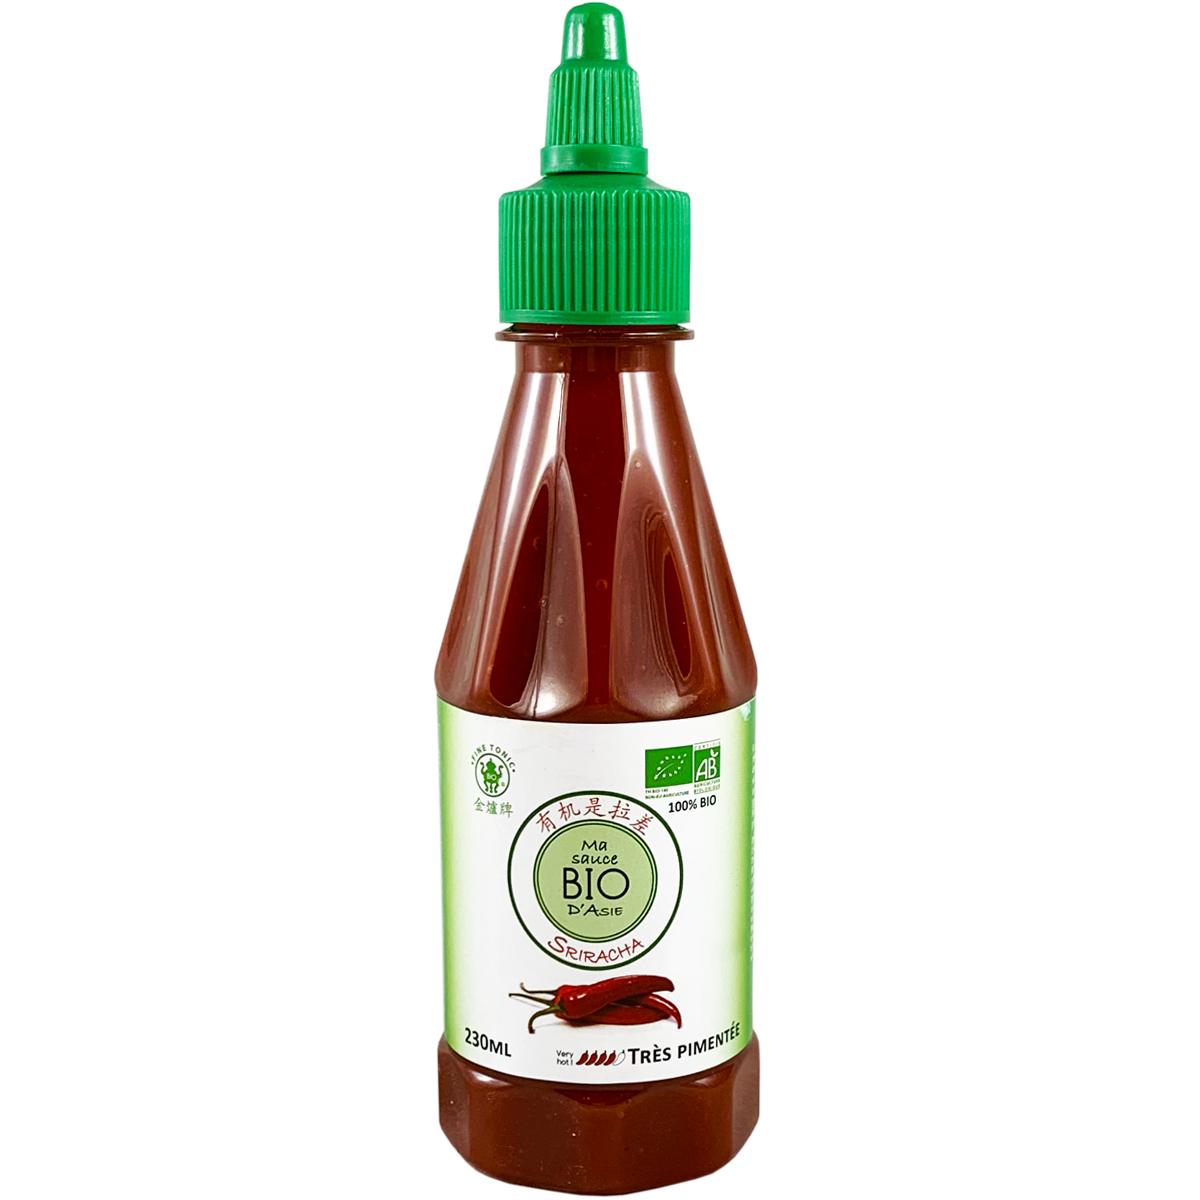 Ma sauce Sriracha BIO (230ml & 435ml) Image